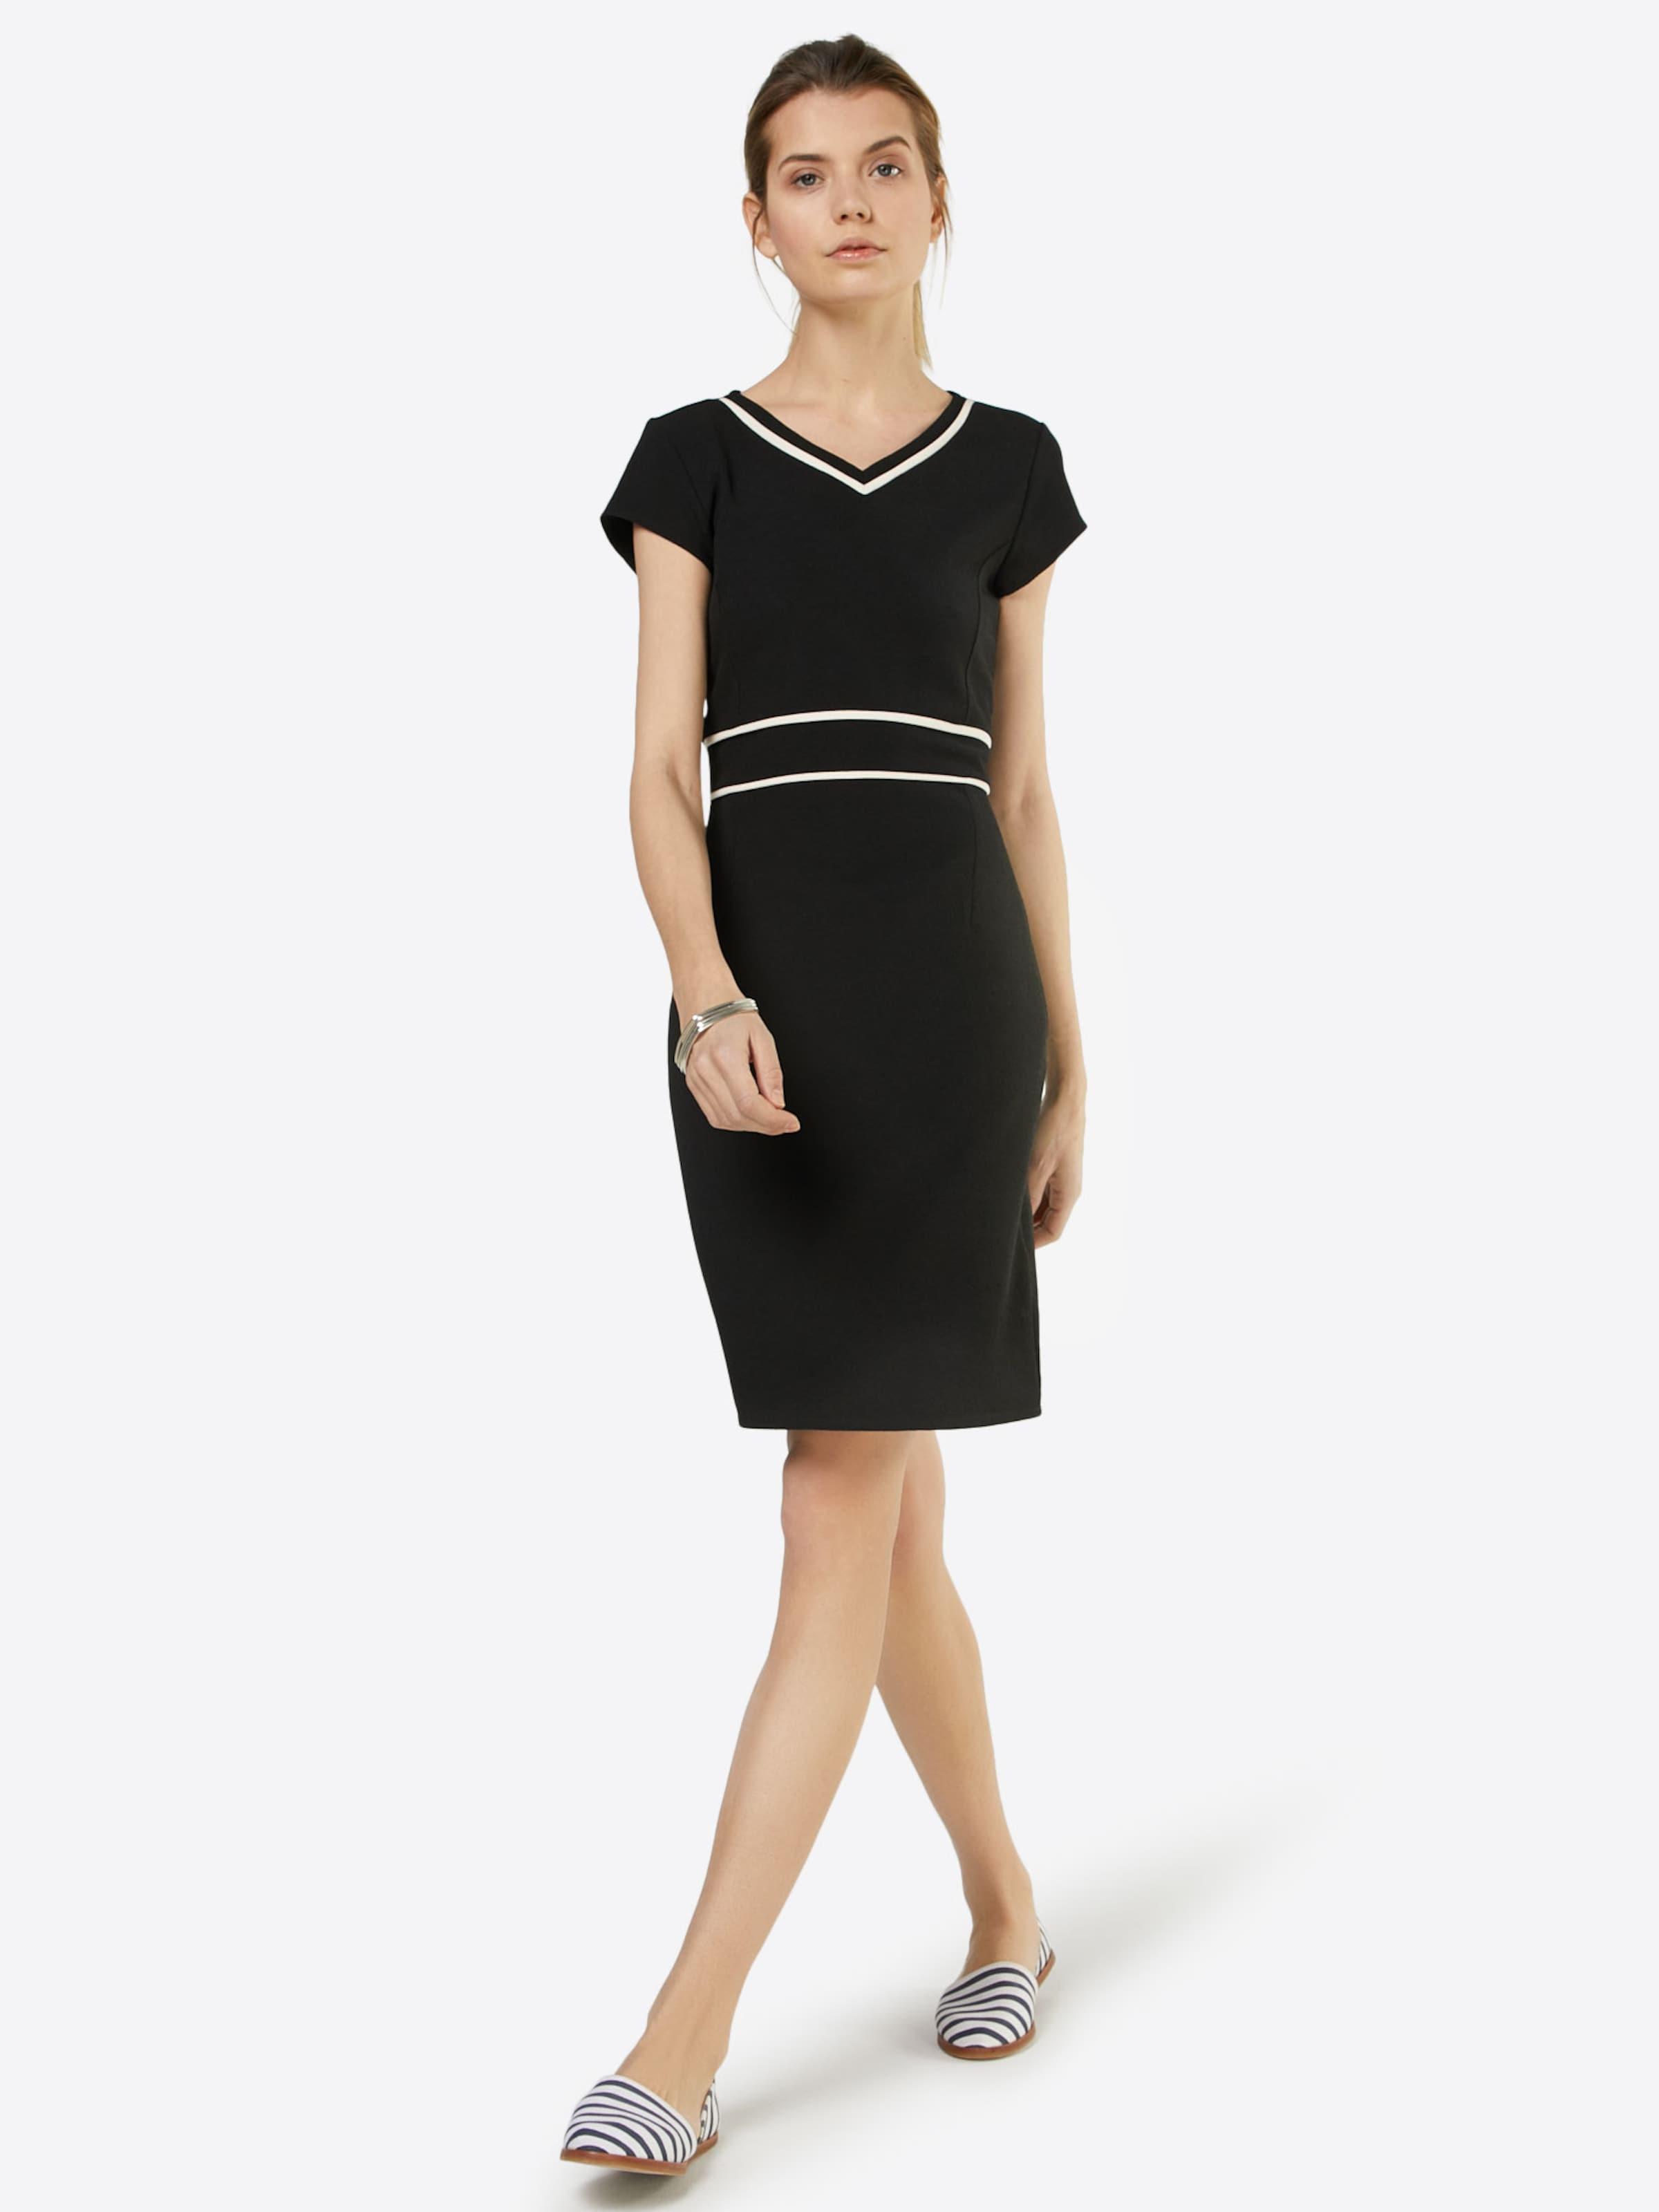 Günstig Kaufen Neue Stile ABOUT YOU Kleid 'Ronia' Auslass 100% Garantiert Billig Verkauf Der Neue Ankunft Offizielle Zum Verkauf Verkauf Echten T6nh4Y7DwK